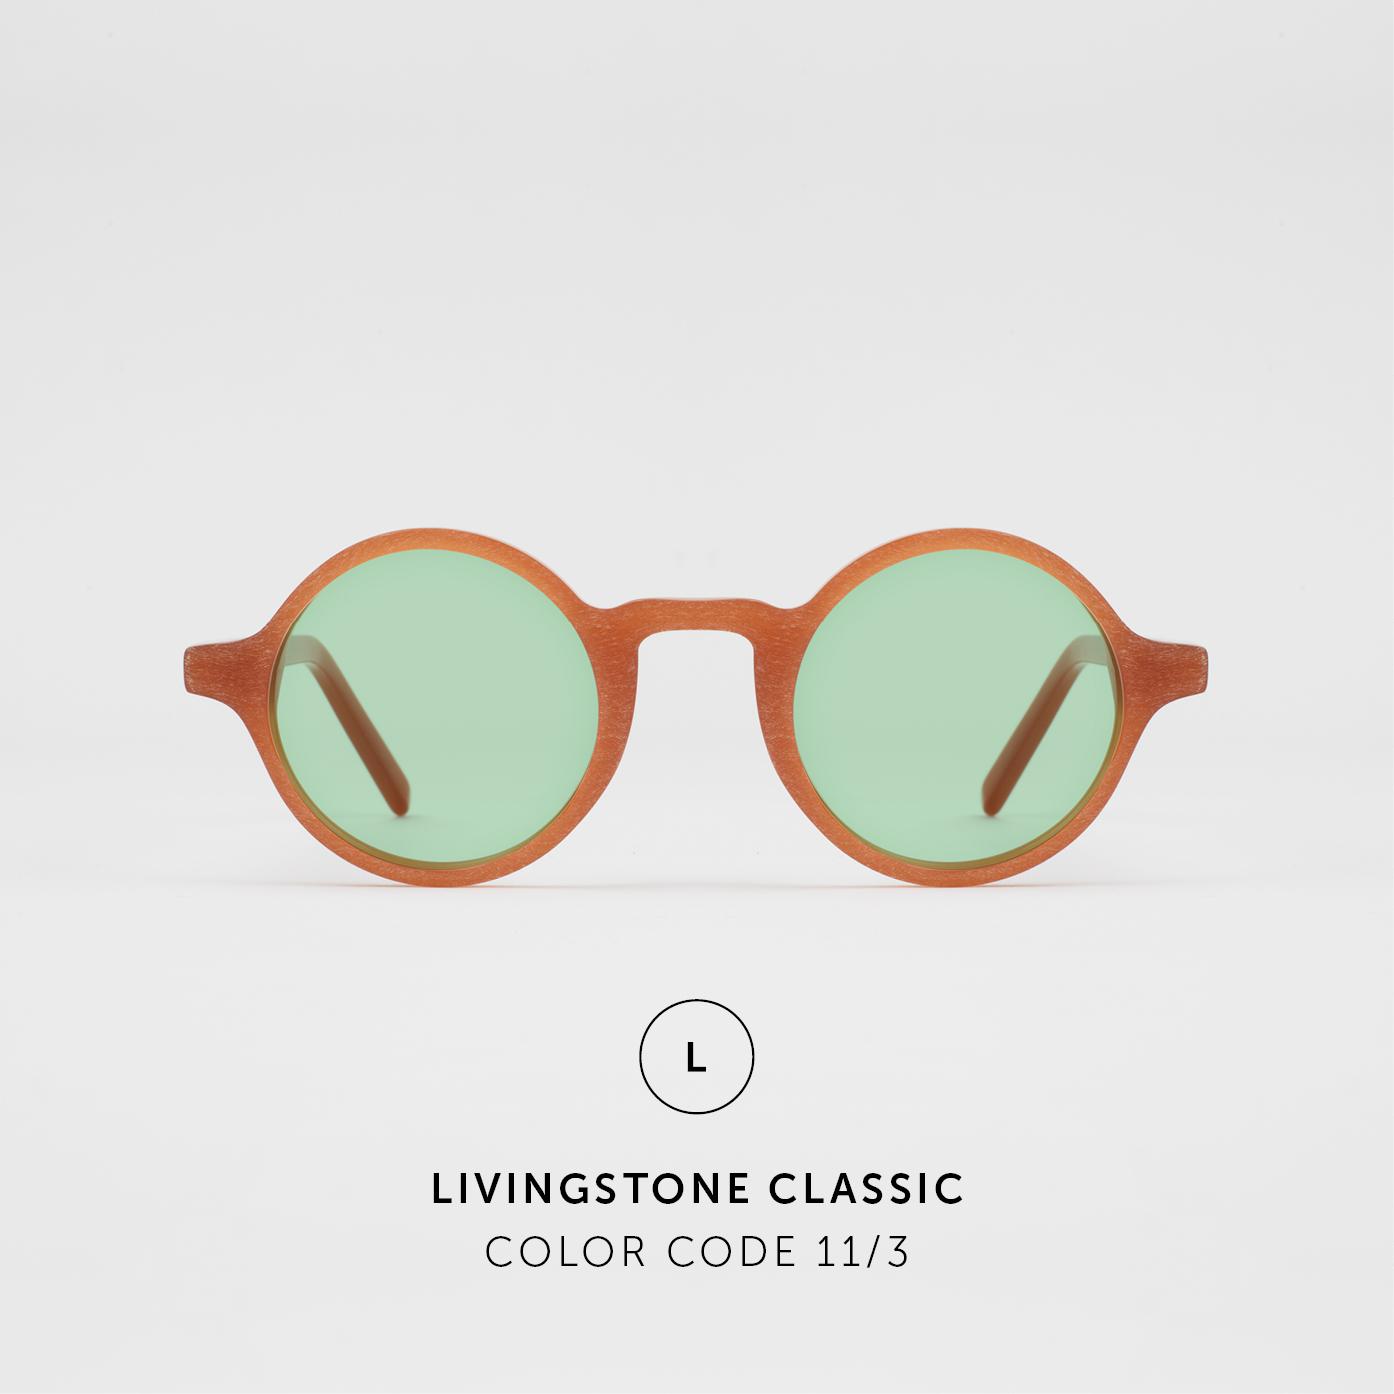 LivingstoneClassic56.jpg